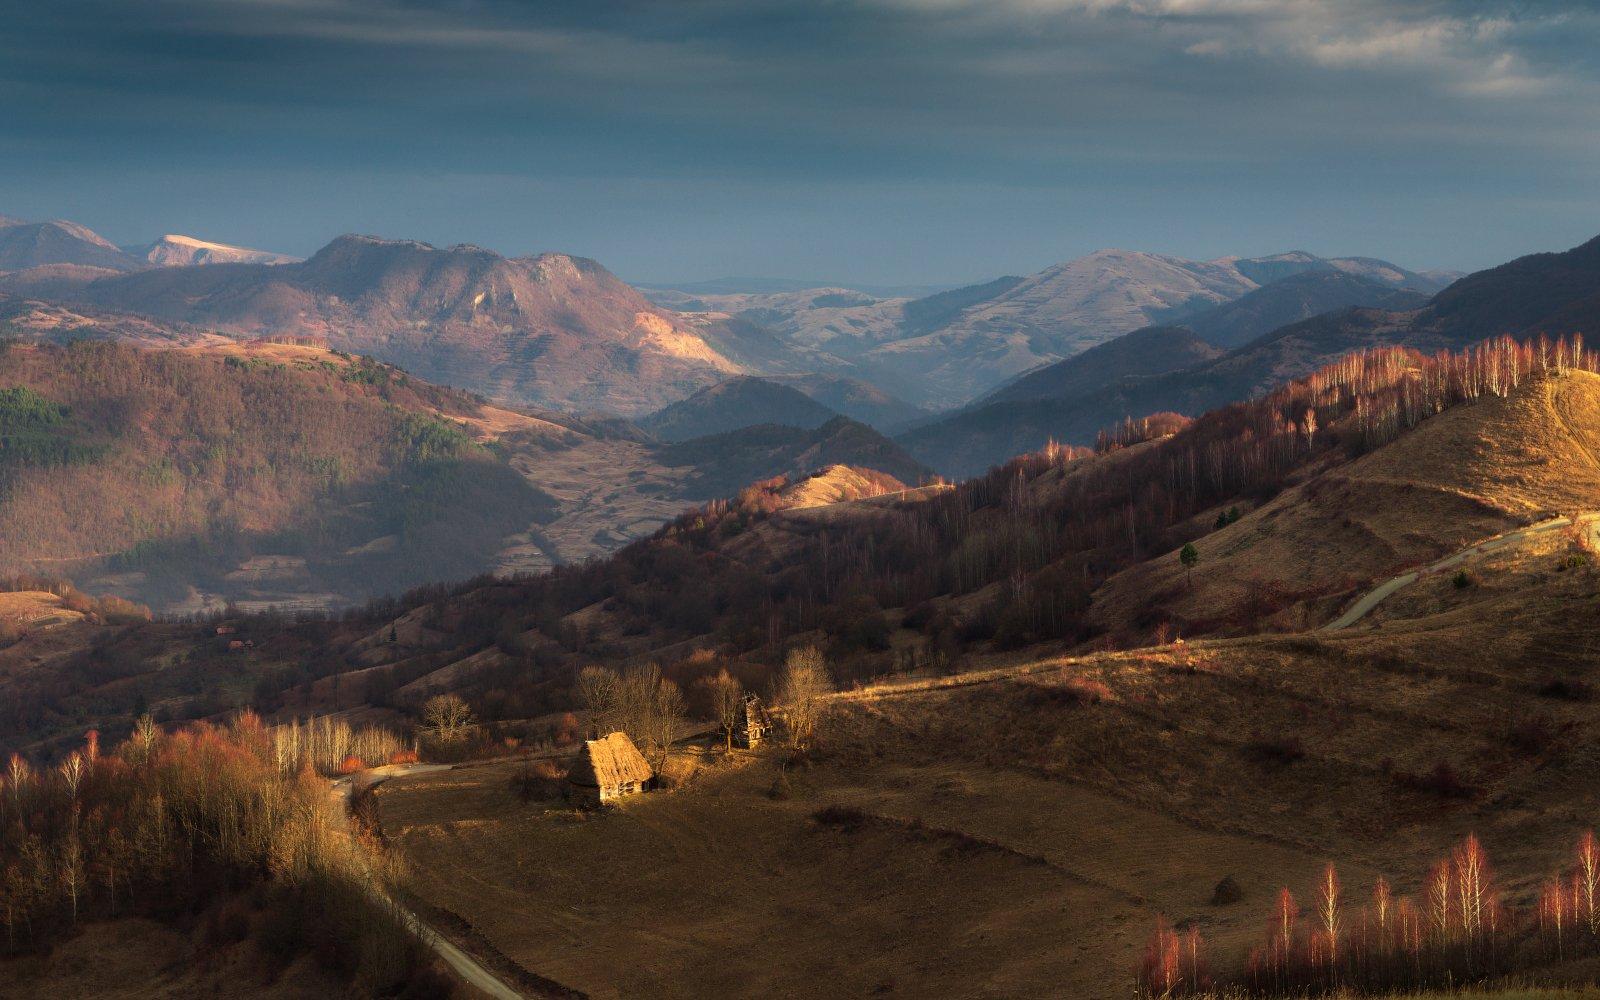 утро, холмы, румыния, домик, горы, пастораль,весна, Cтанислав Малых